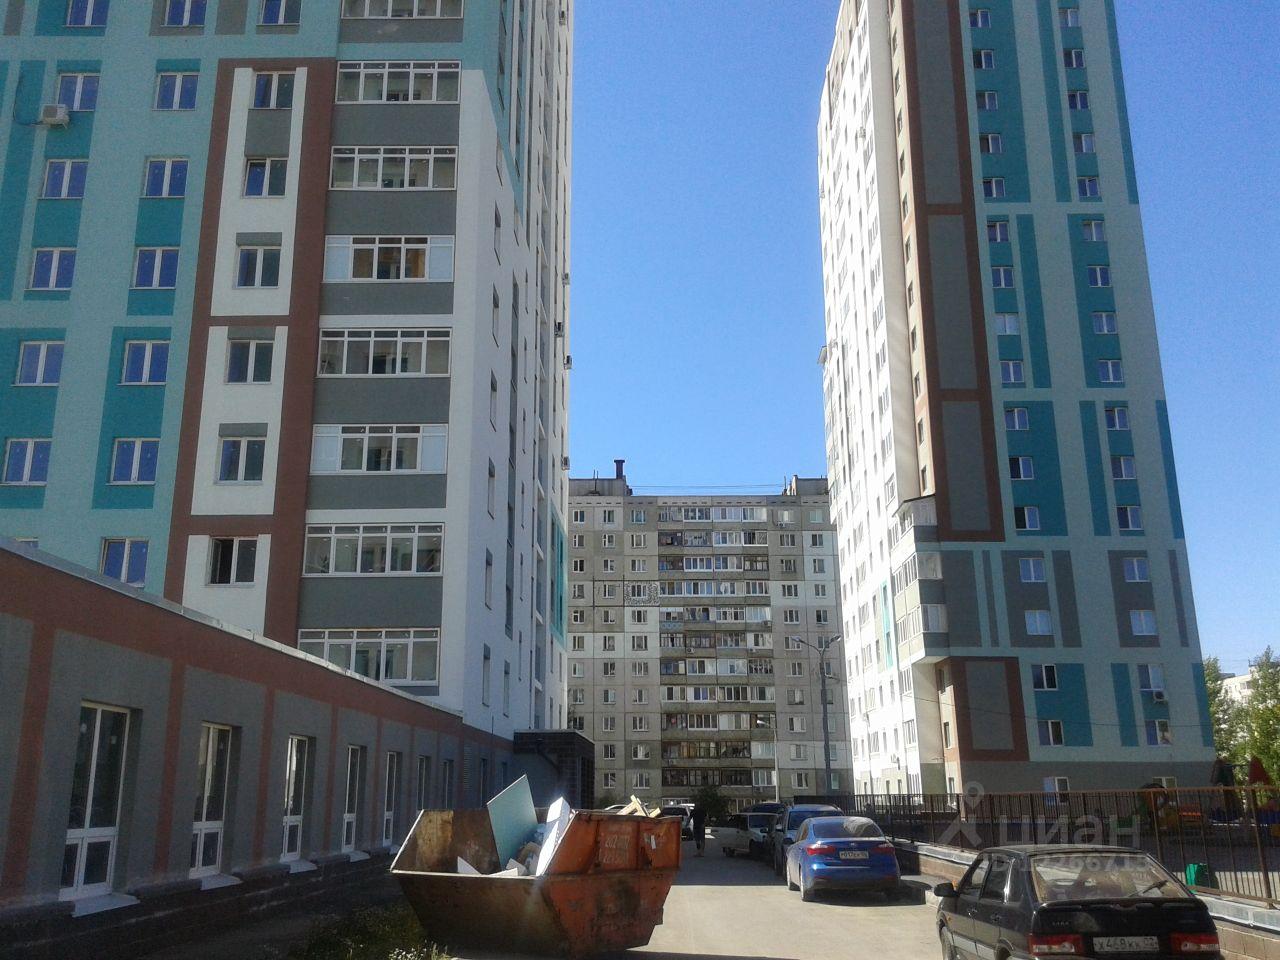 используется информация новостройки в зеленогорске 1 метр квадратный жилья цена квартиру мкр Фестивальный